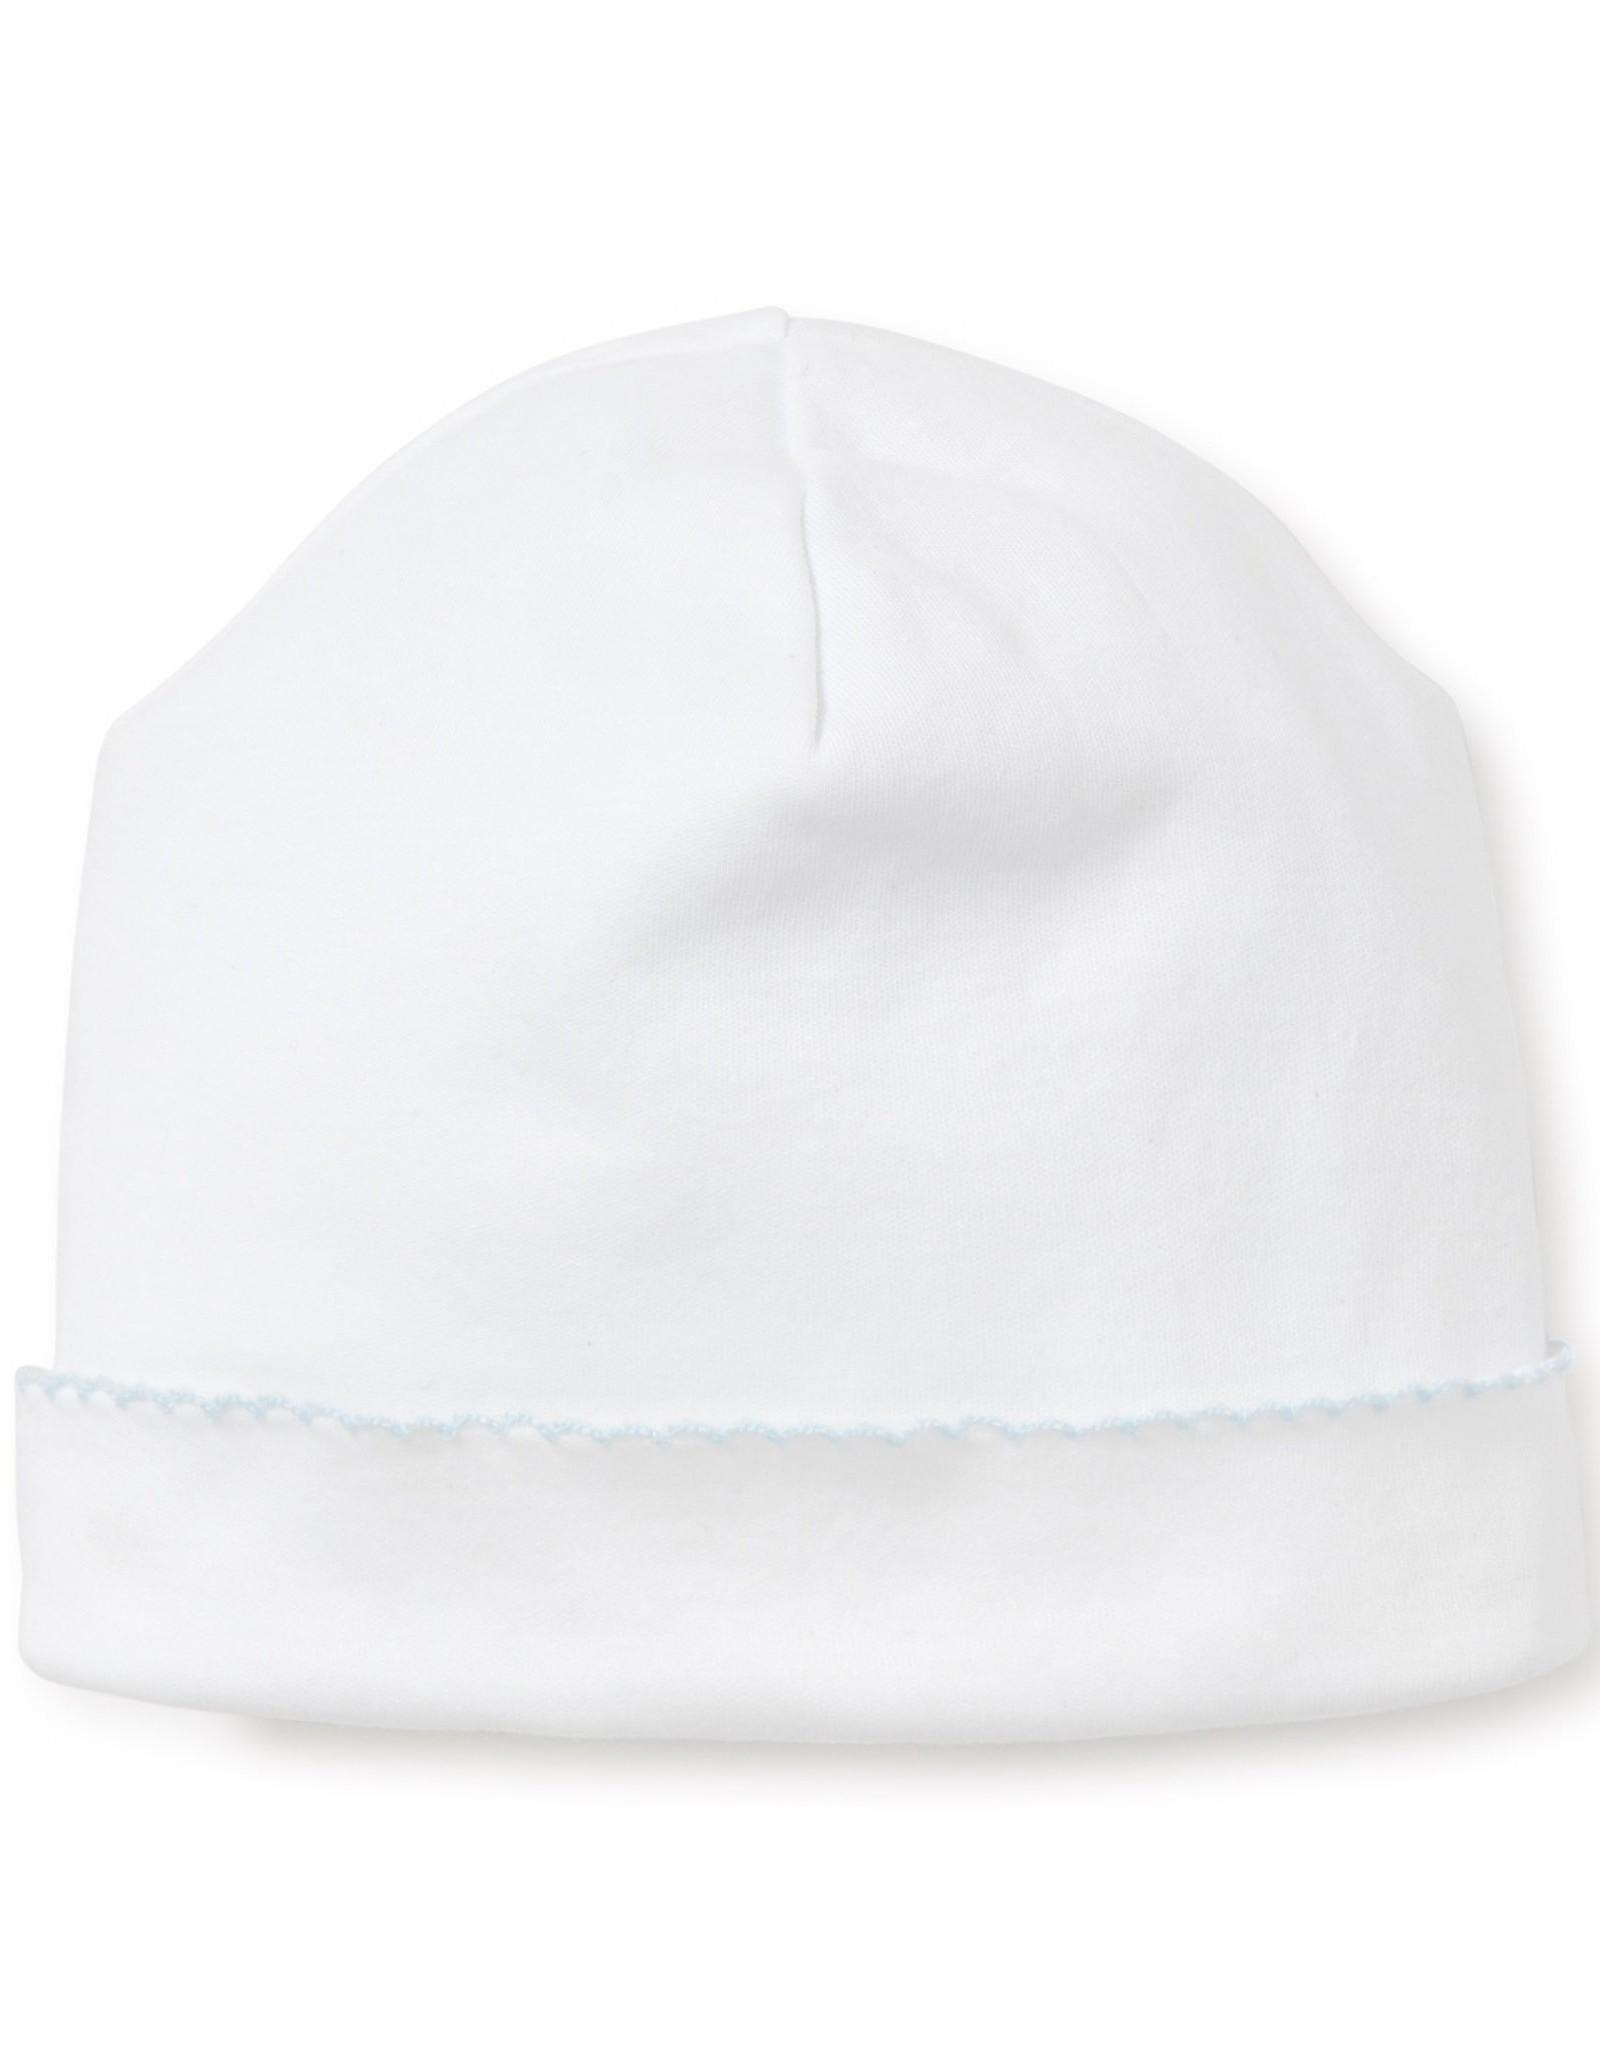 Kissy Kissy Basic Hat White/Blue Stitching